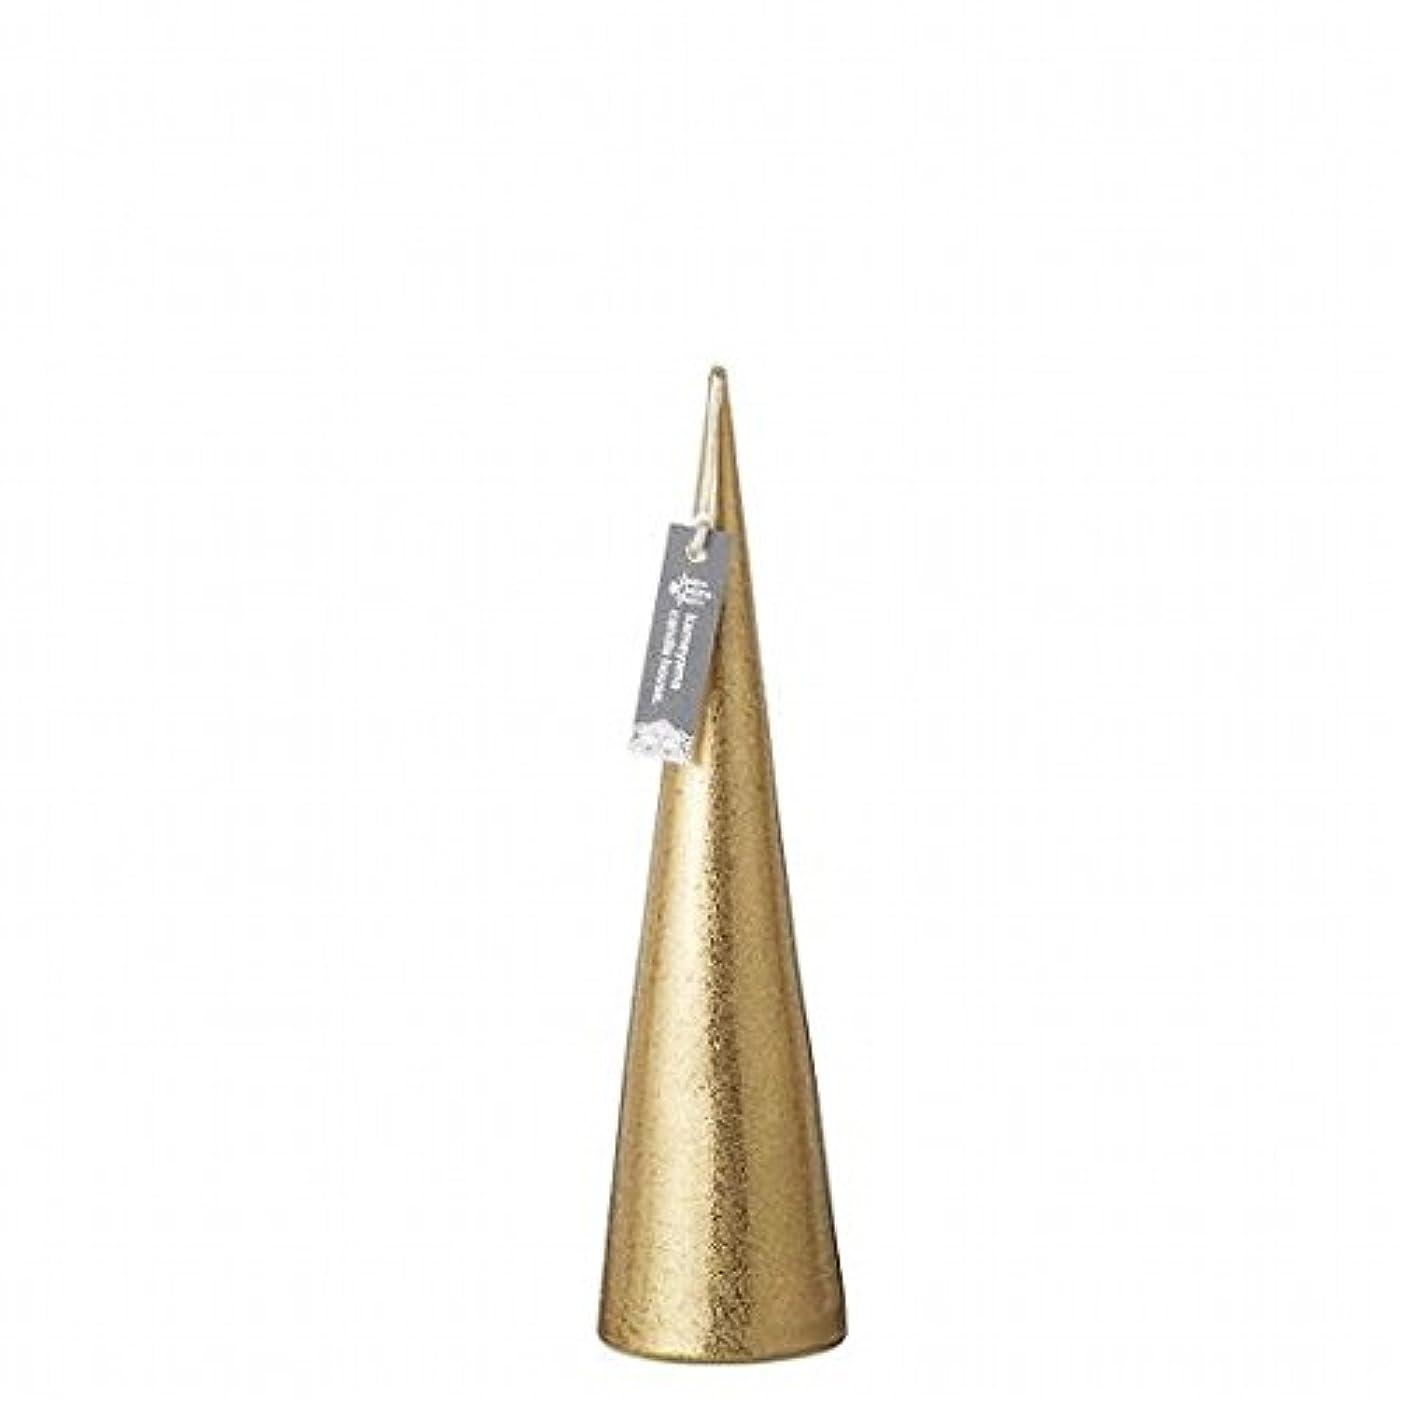 再開オーディションパトロールkameyama candle(カメヤマキャンドル) メタリックコーンM「 ゴールド 」(A9560110GO)